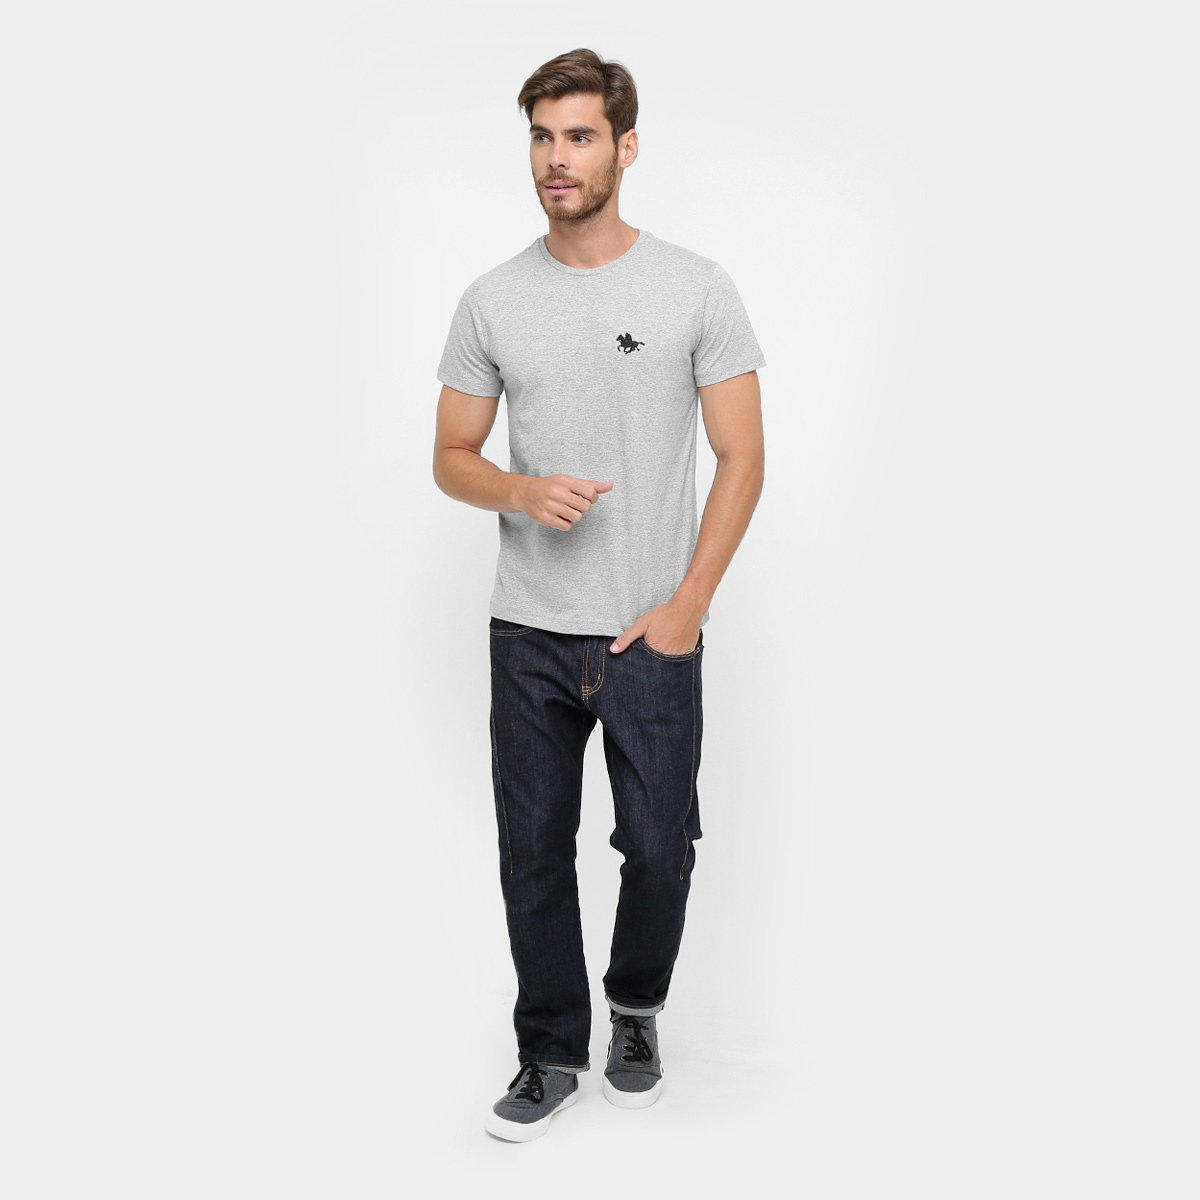 Camiseta RG 518 Básica Bordado - Cinza